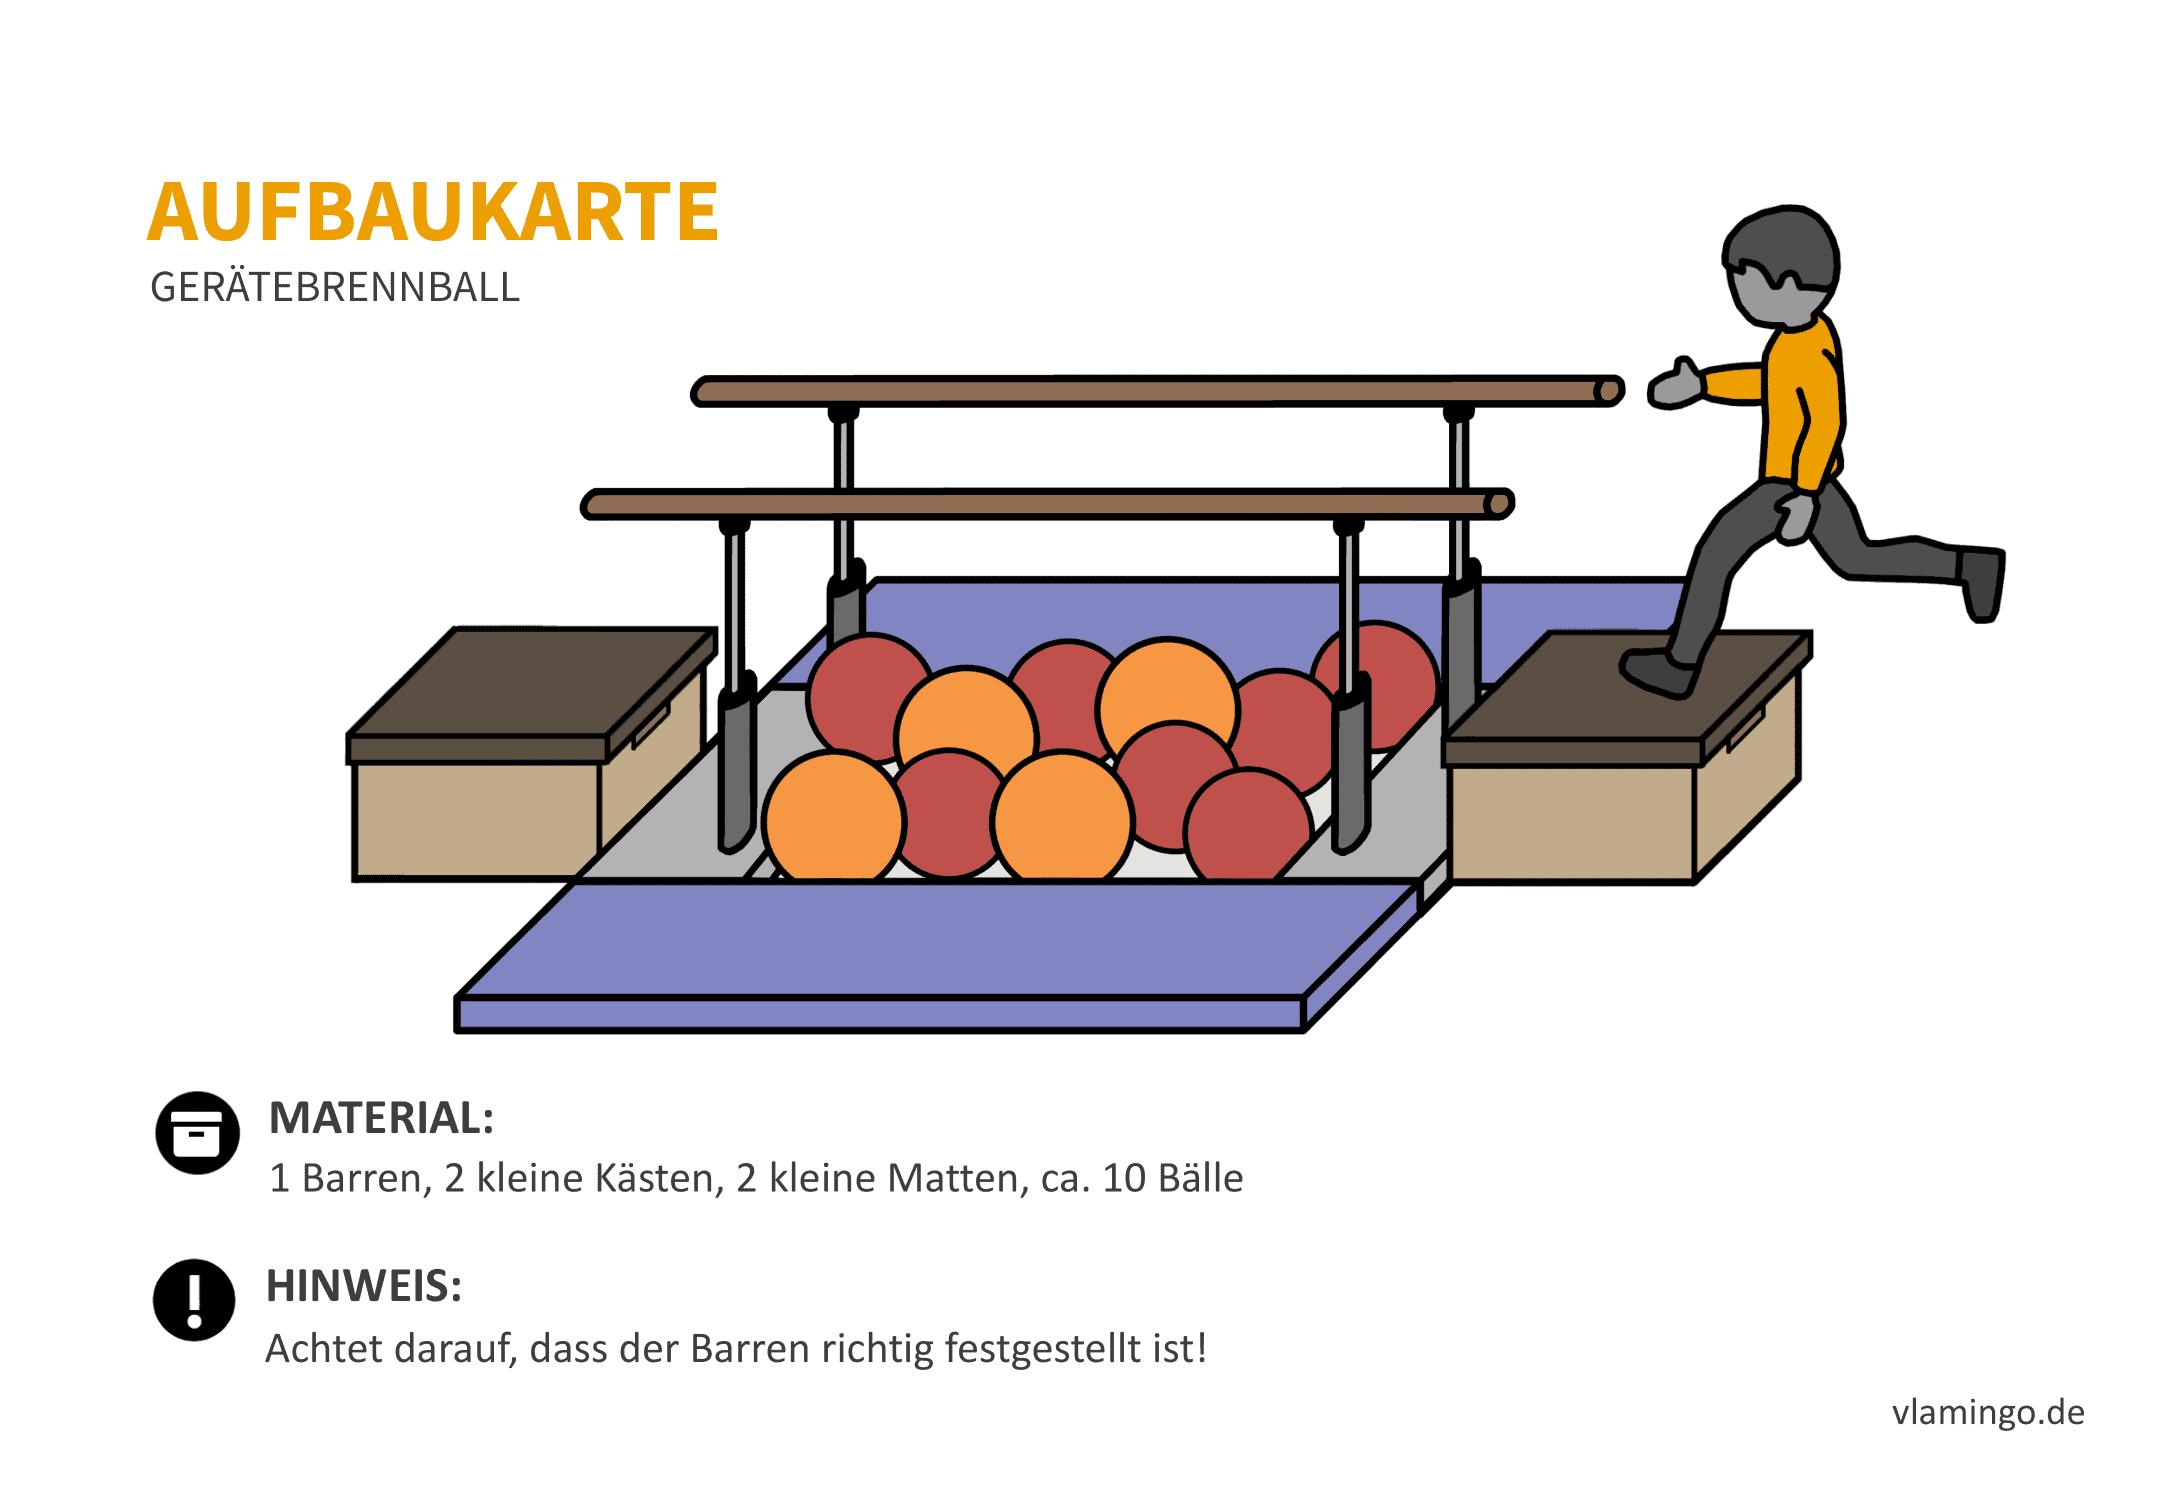 Gerätebrennball - Aufbaukarte 3